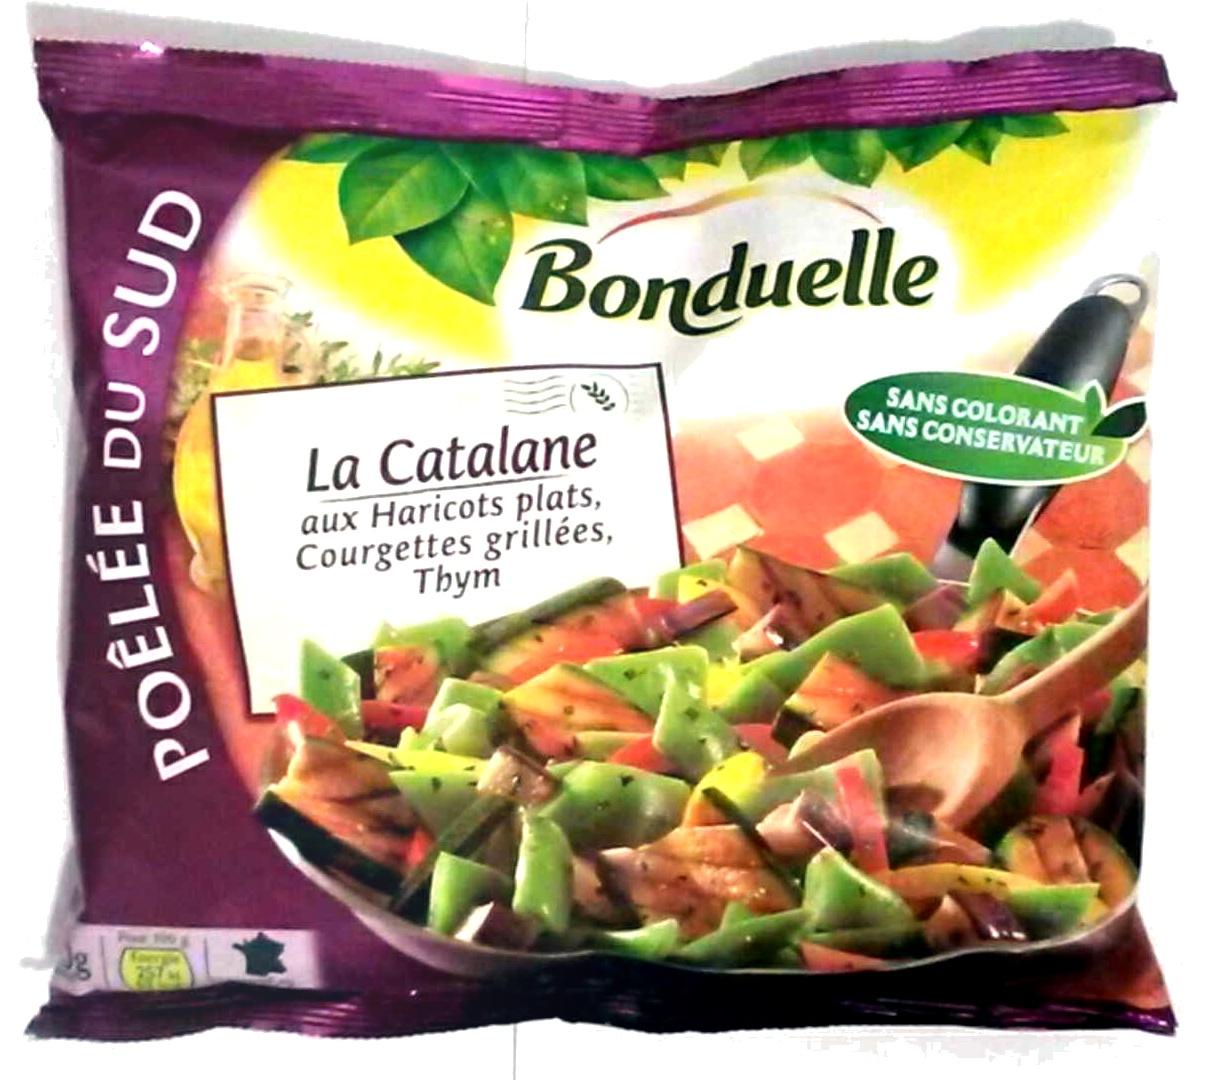 Poêlée du sud : La catalane aux haricots plats, courgettes grillées, thym - Produit - fr